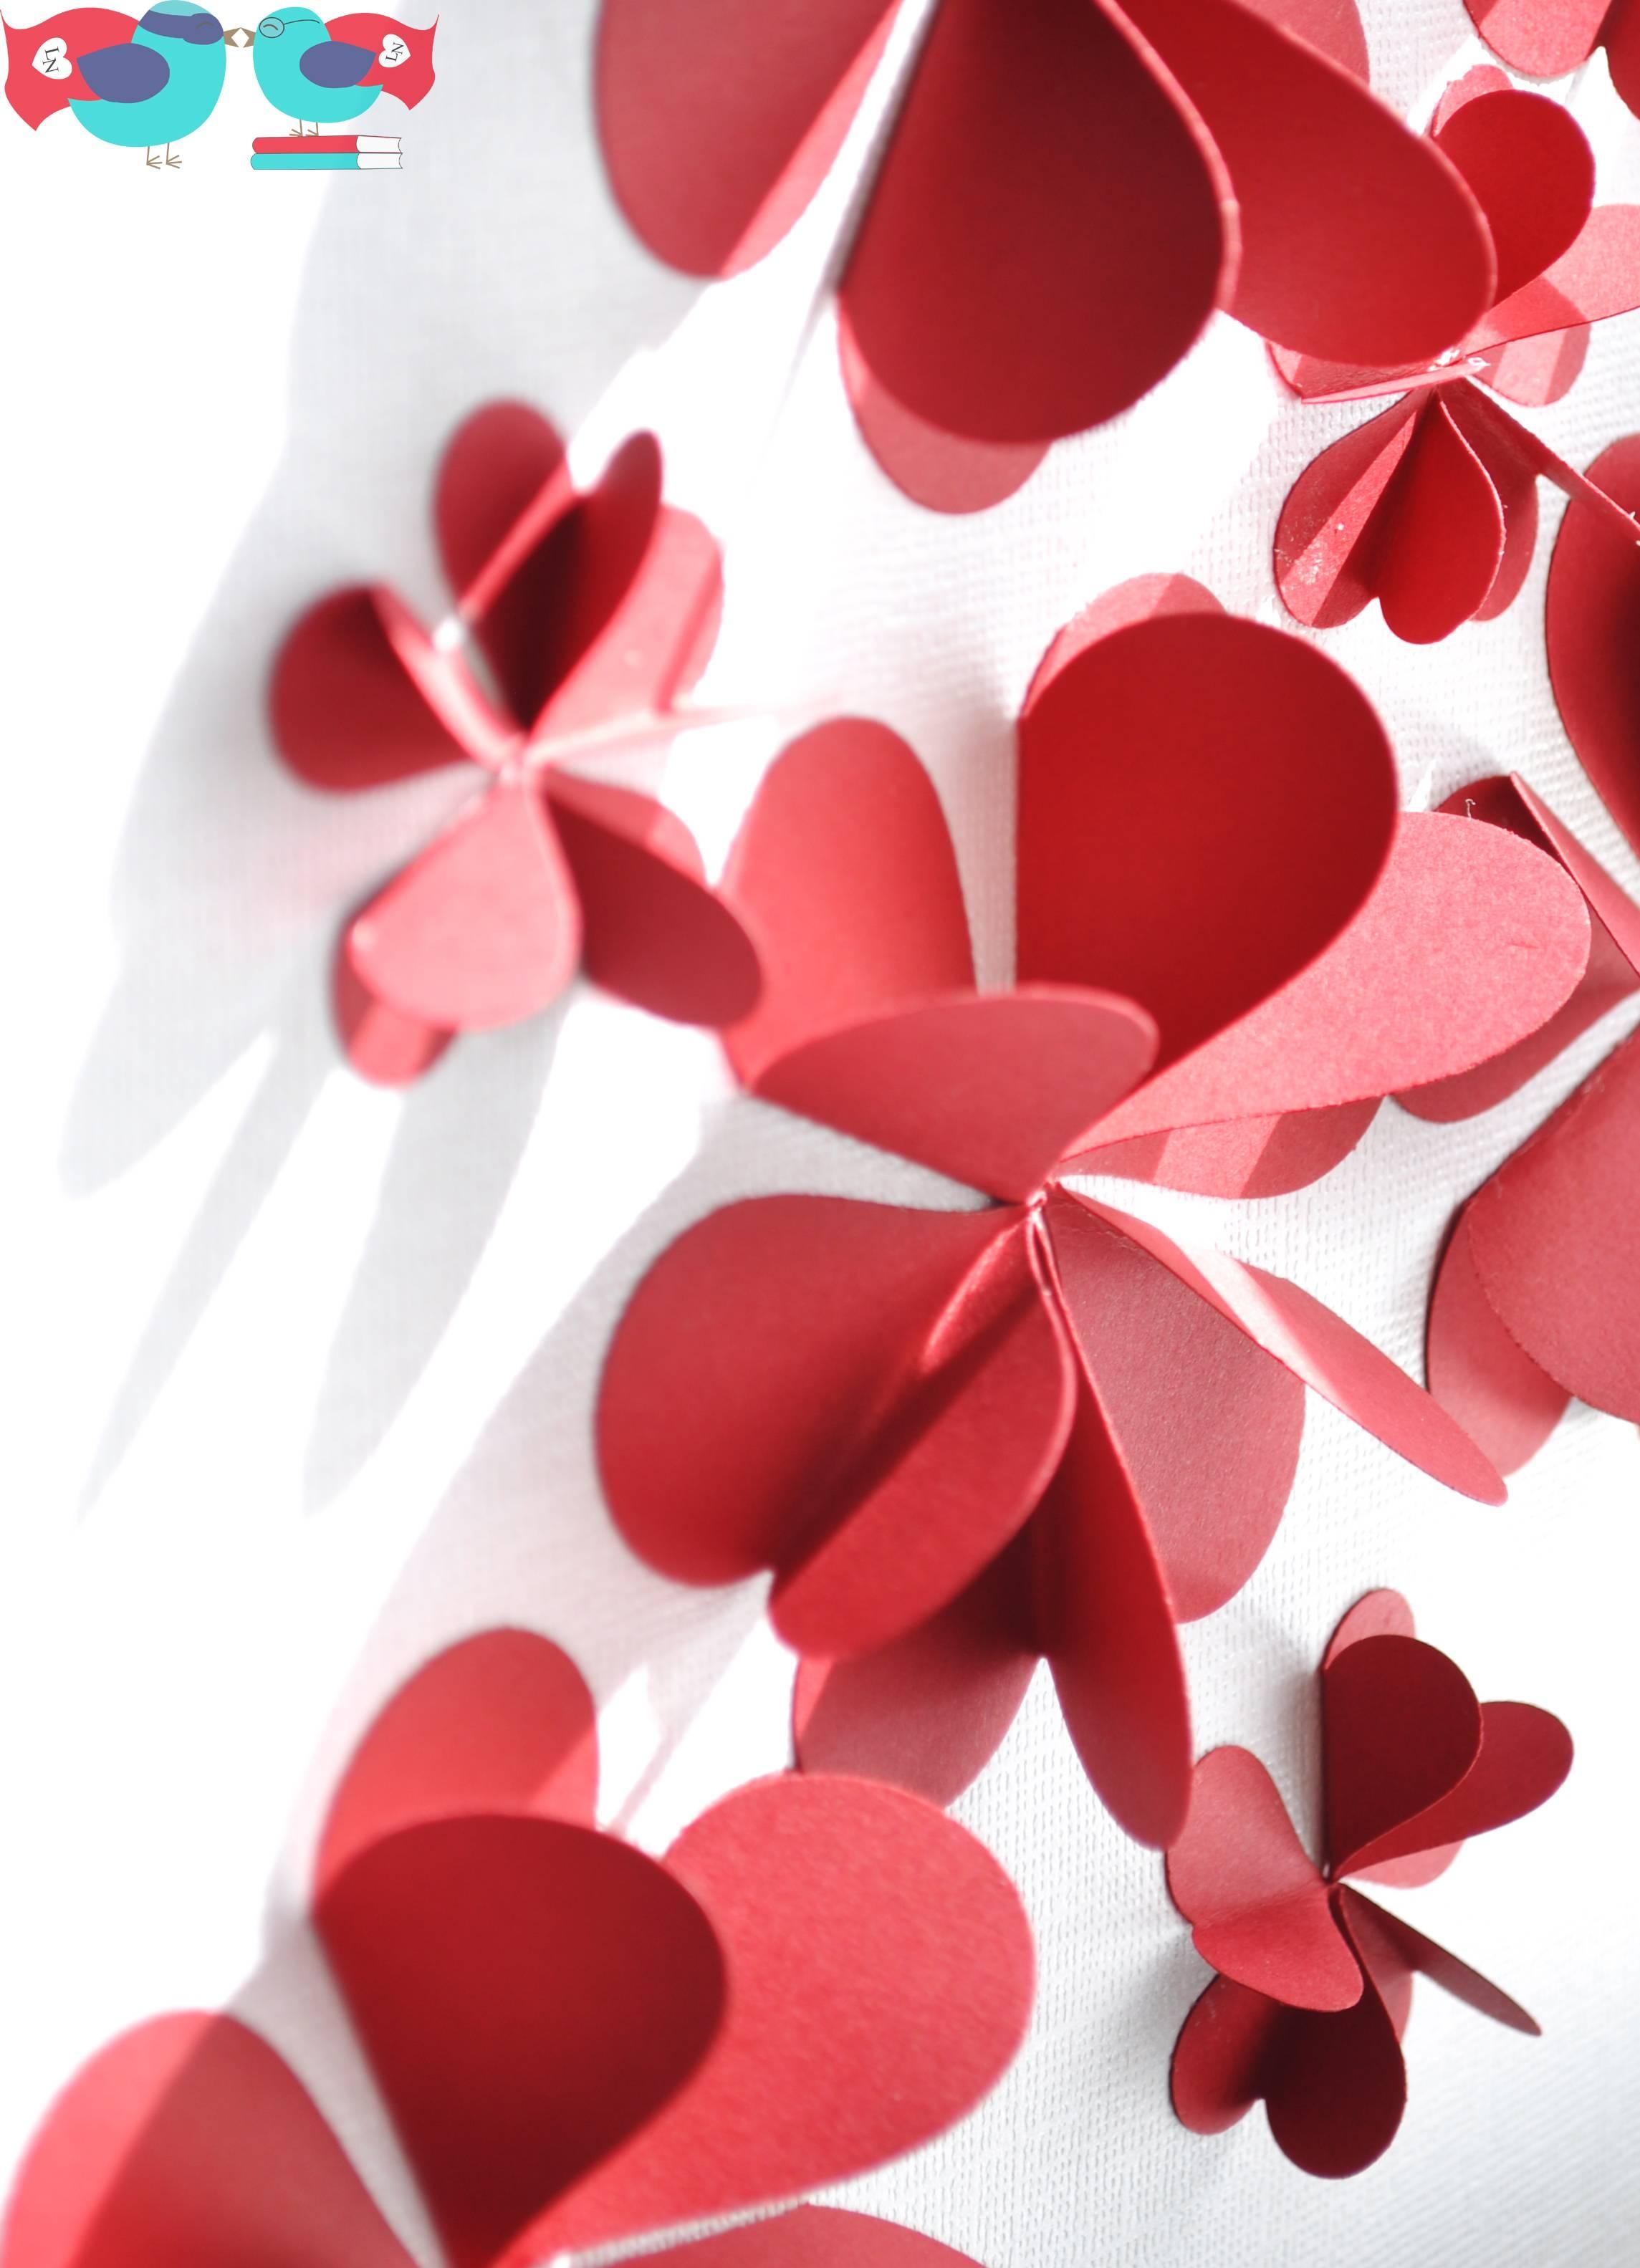 Outstanding Flower Burst 3D Metal Wall Art Home Decor Wall Sticker Throughout Latest Diy 3D Paper Wall Art (View 16 of 20)